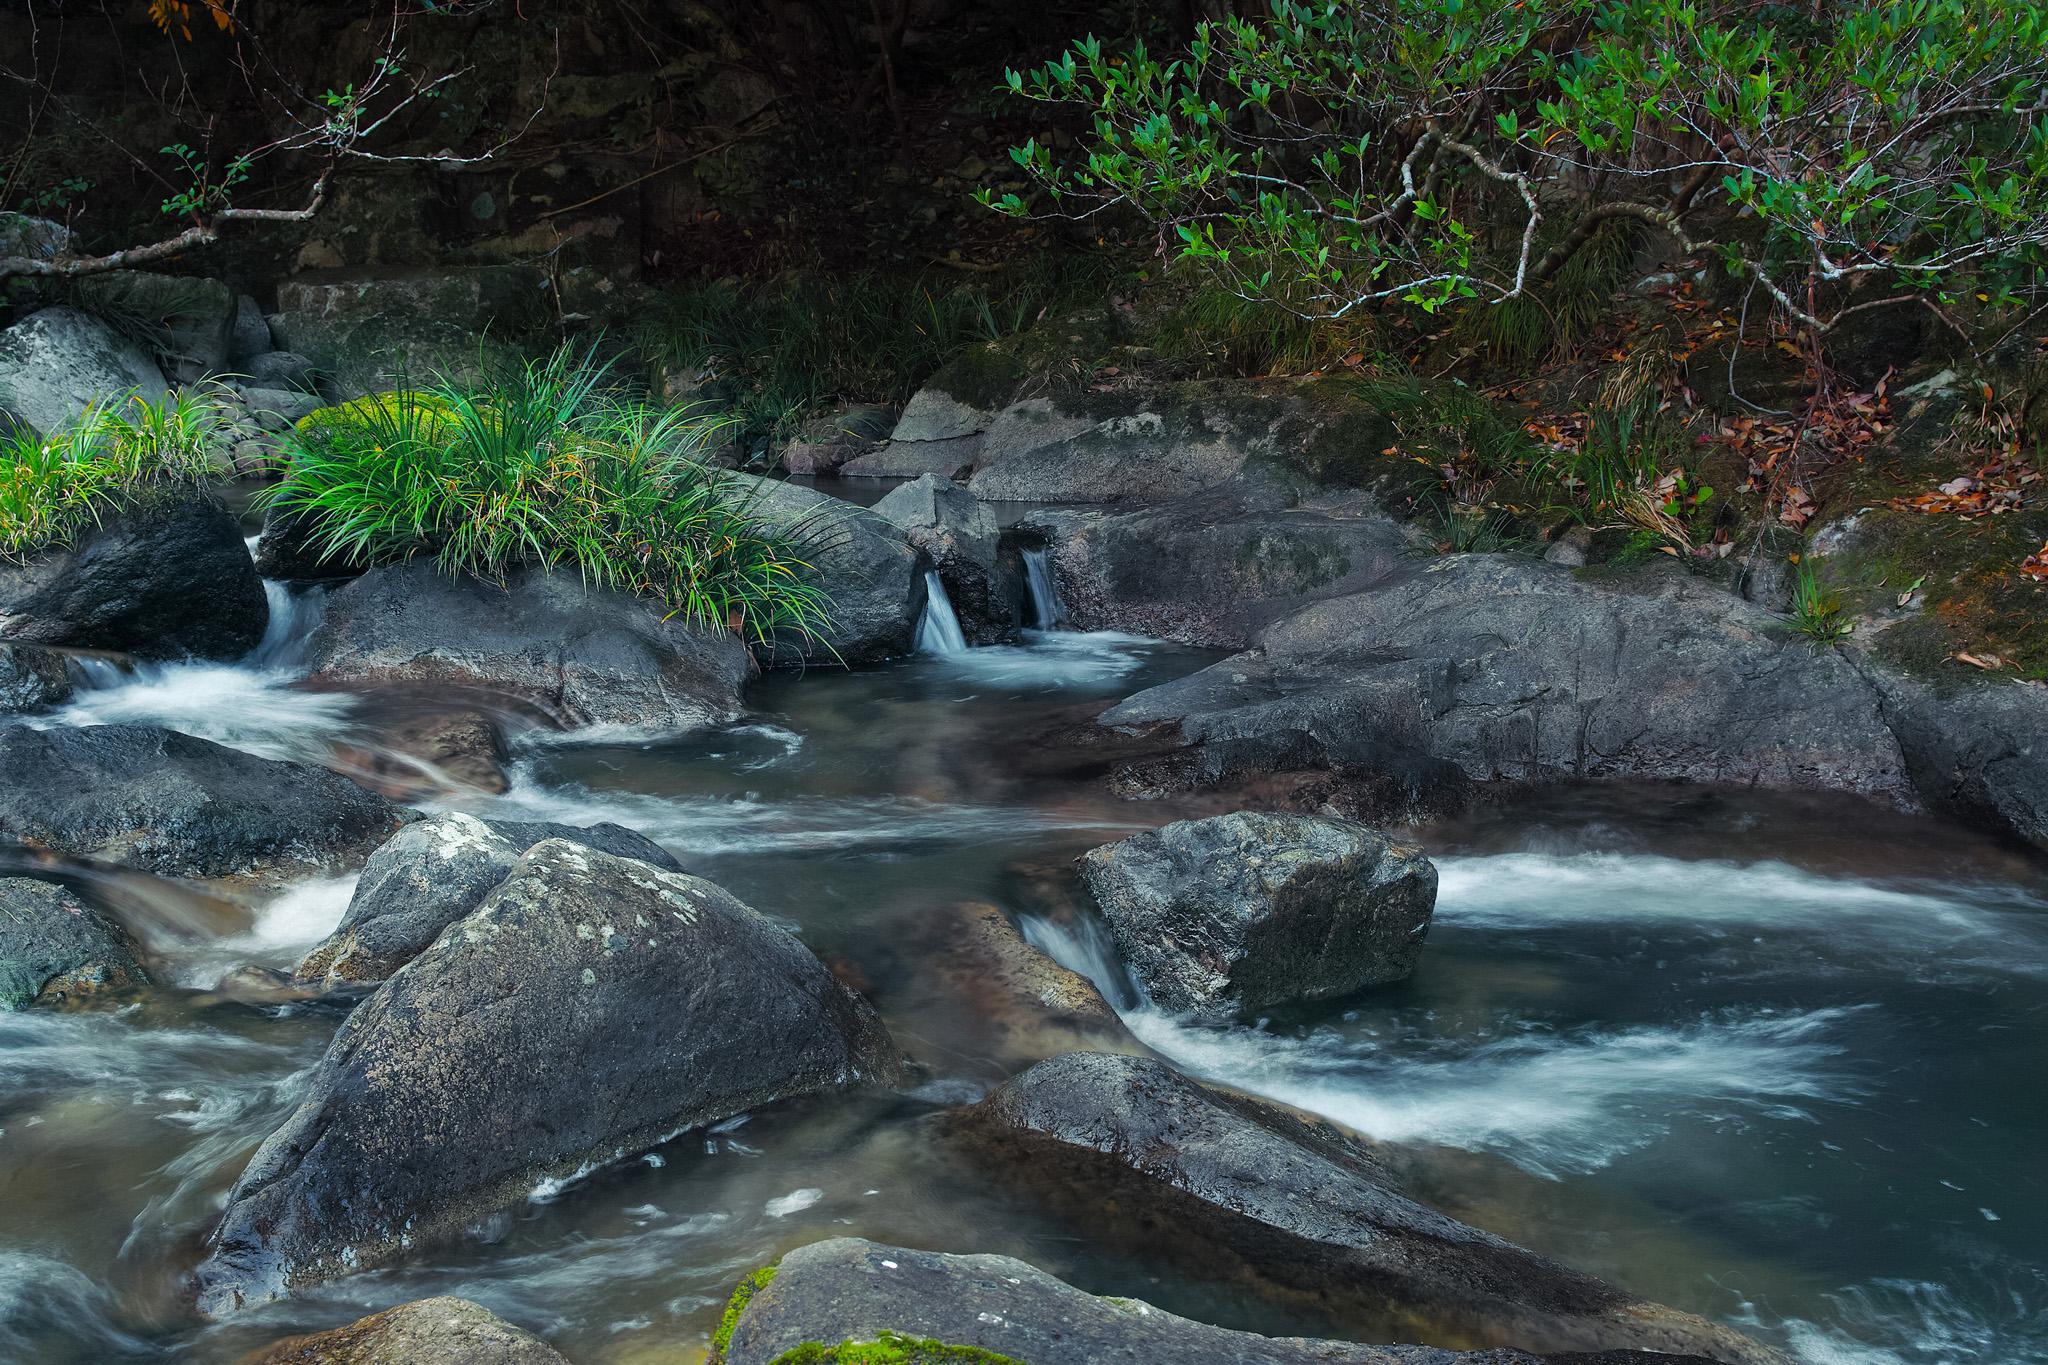 「岩の間を流れる渓流」の画像を無料ダウンロード